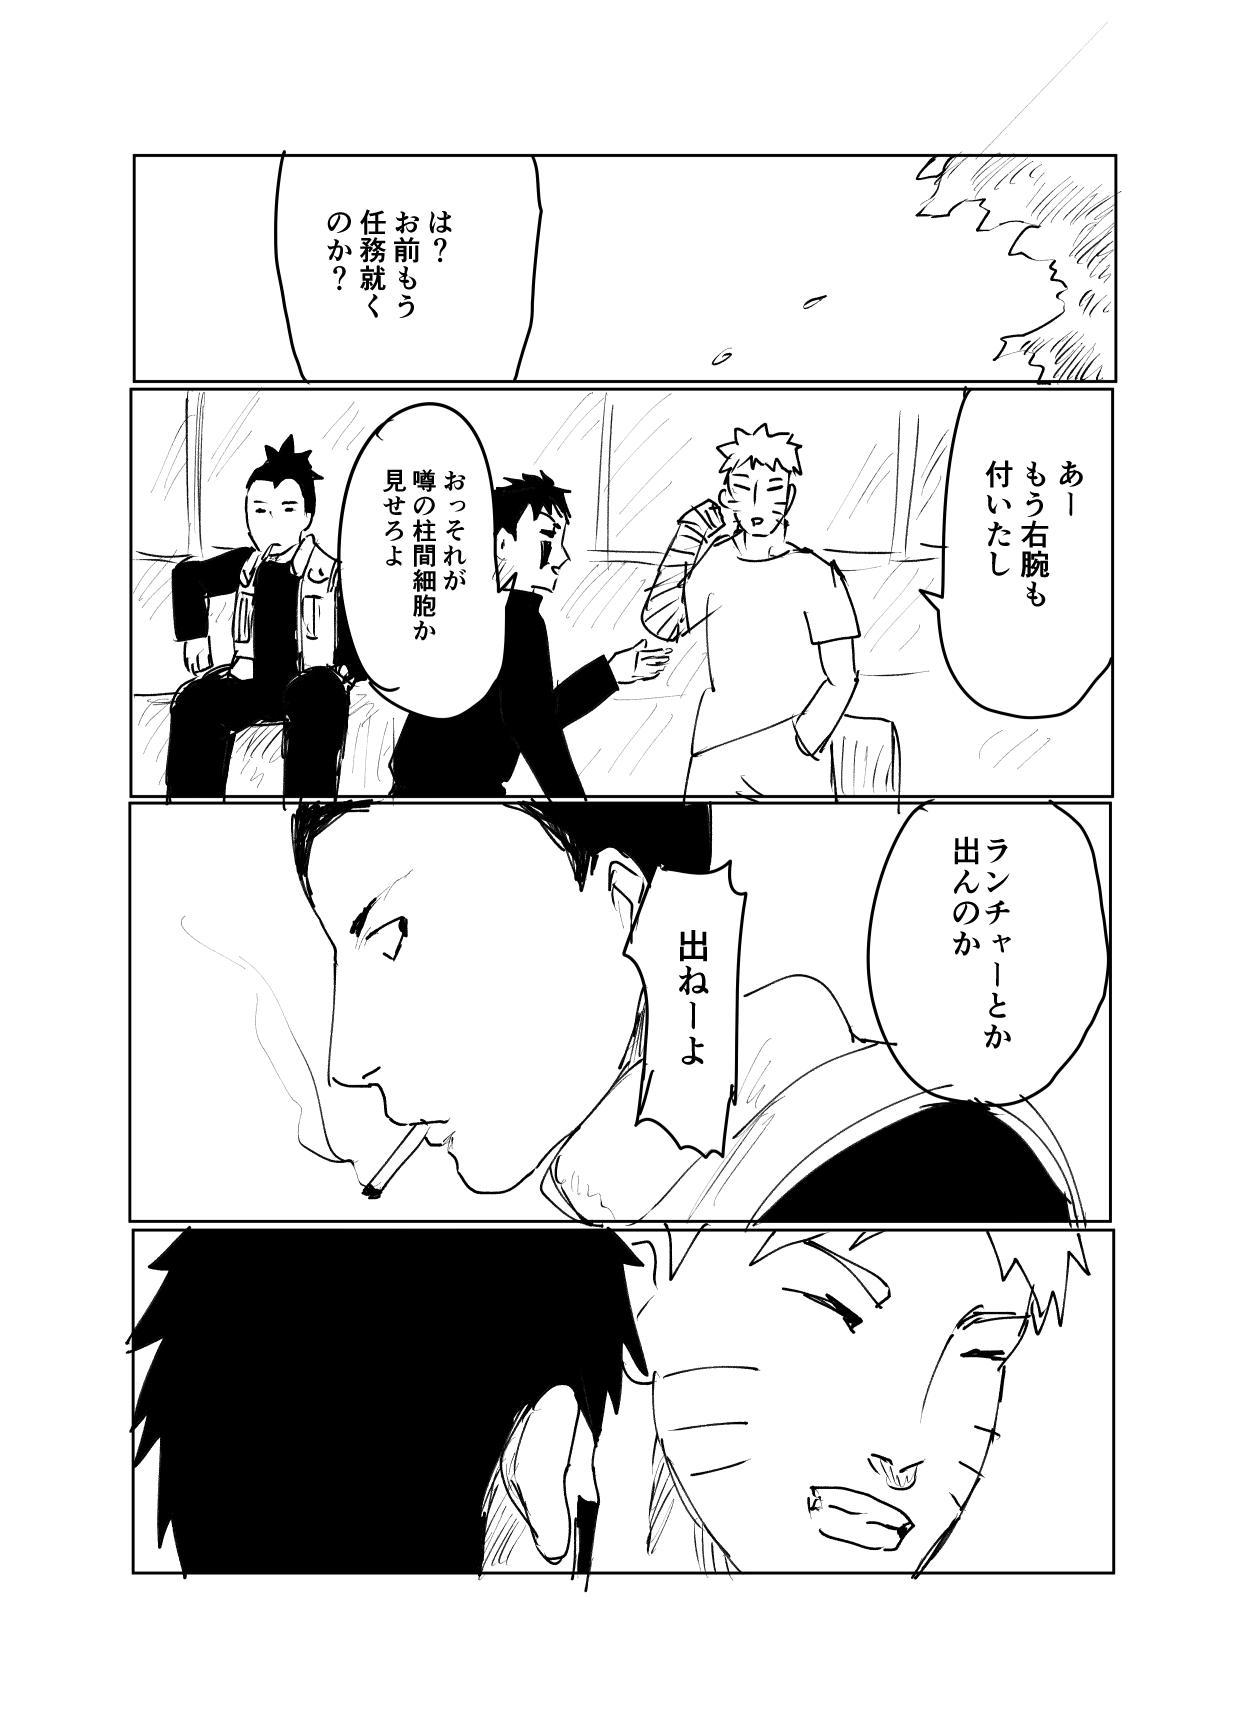 嘘告白漫画 88